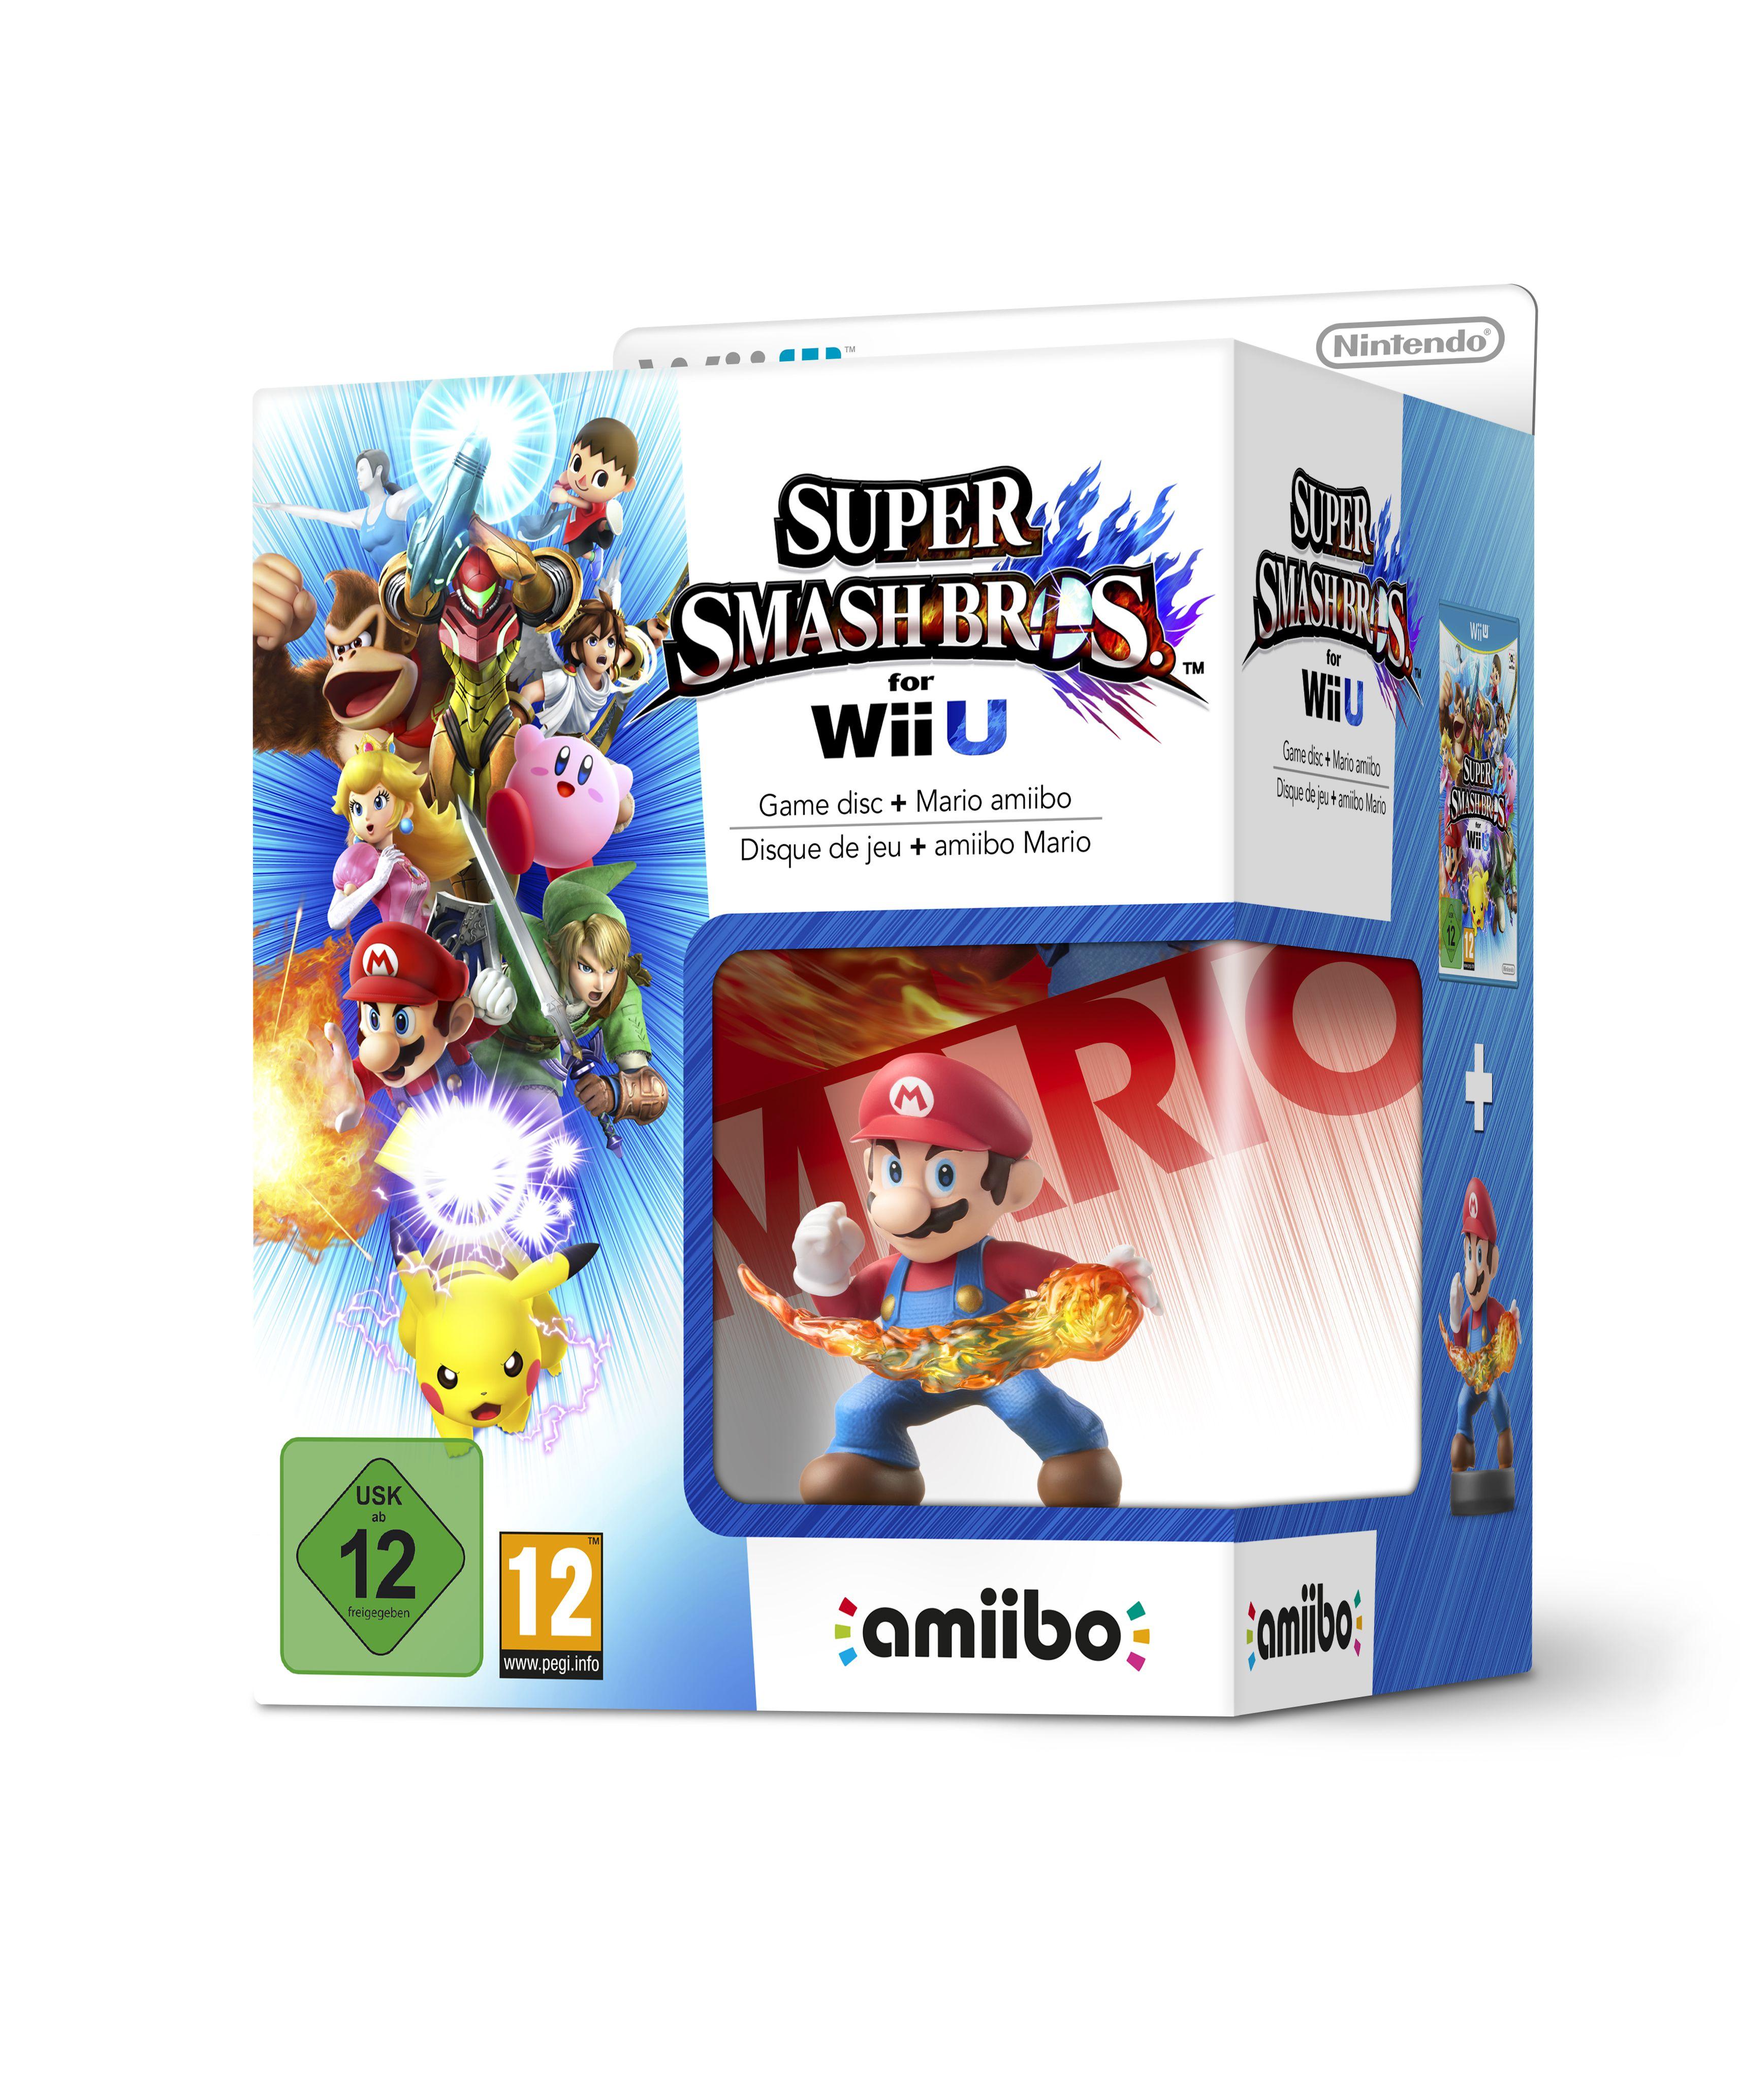 Amiibo Super Smash Bros For Wii U Game Disc+Mario Amiibo